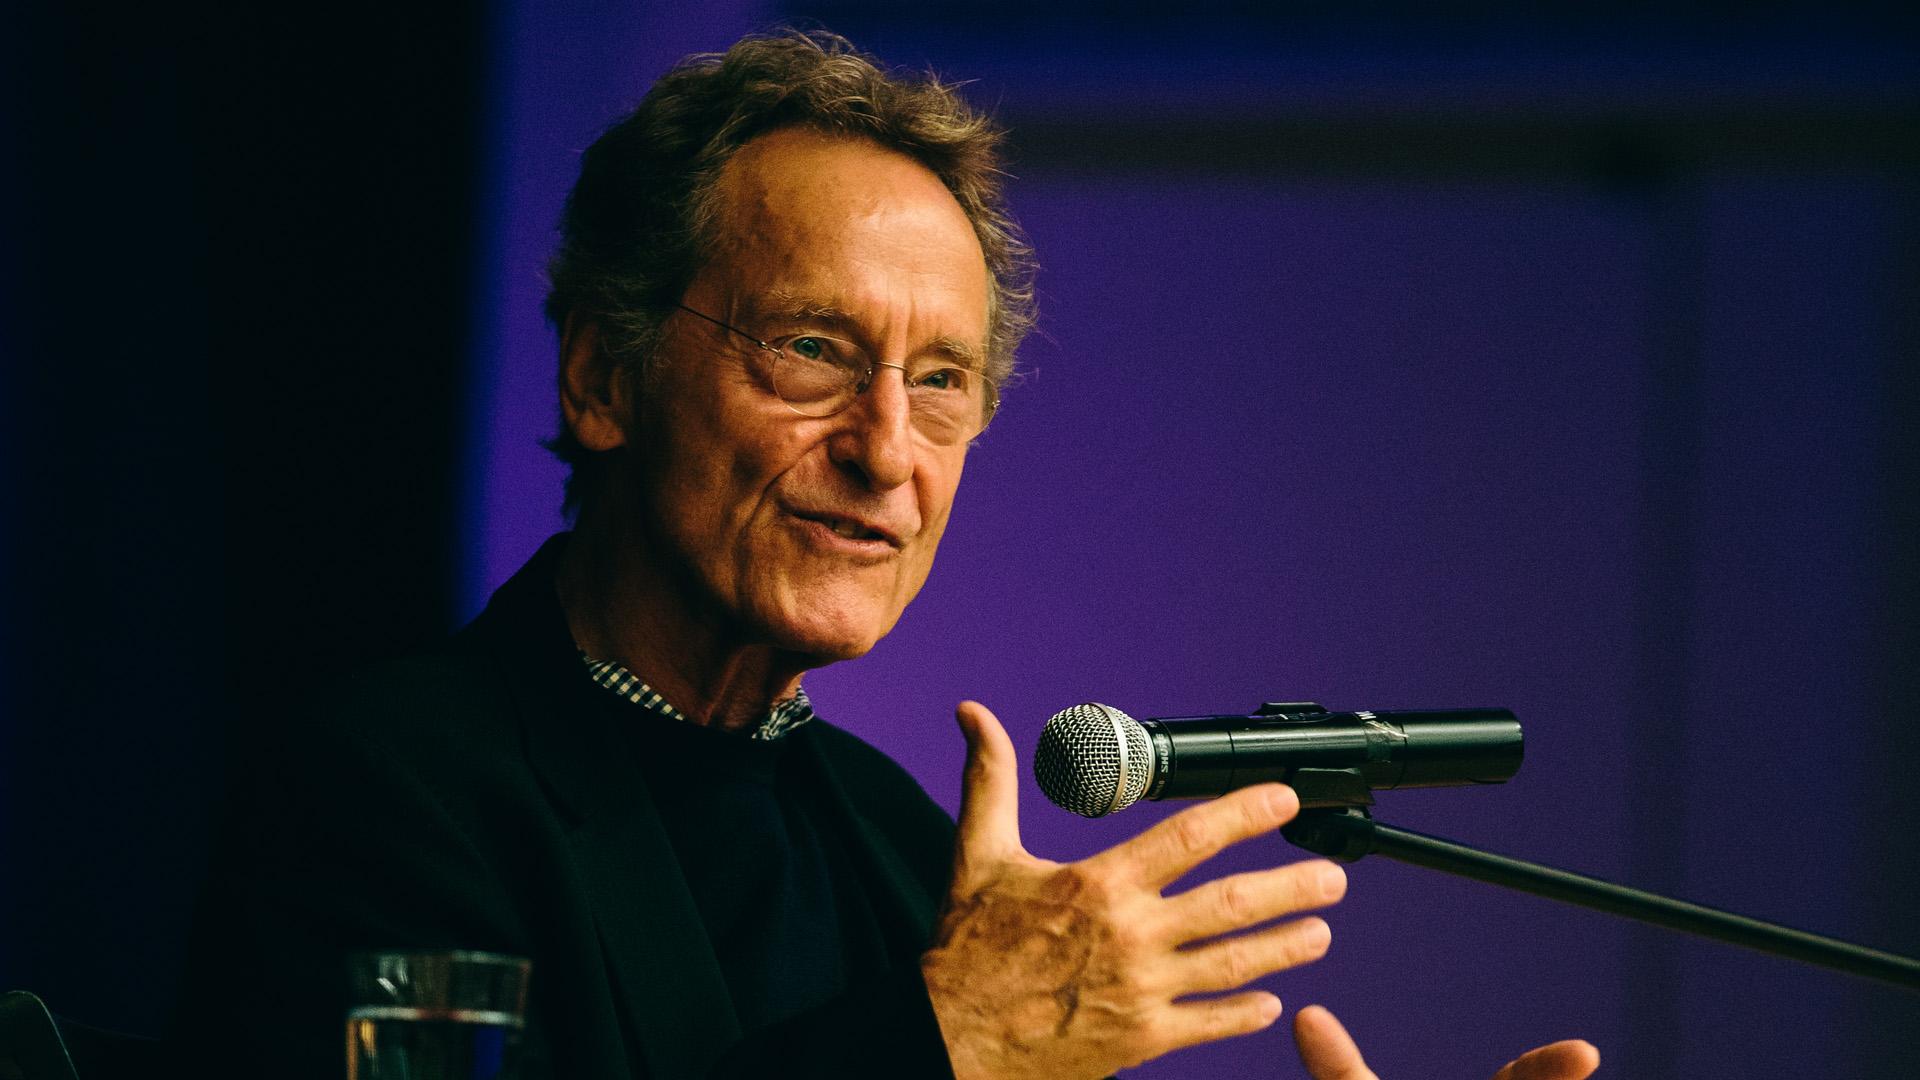 """Bernhard Schlink ist Jurist und Schriftsteller. Sein Roman """"Der Vorleser"""" wurde zu einem internationalen Bestseller."""